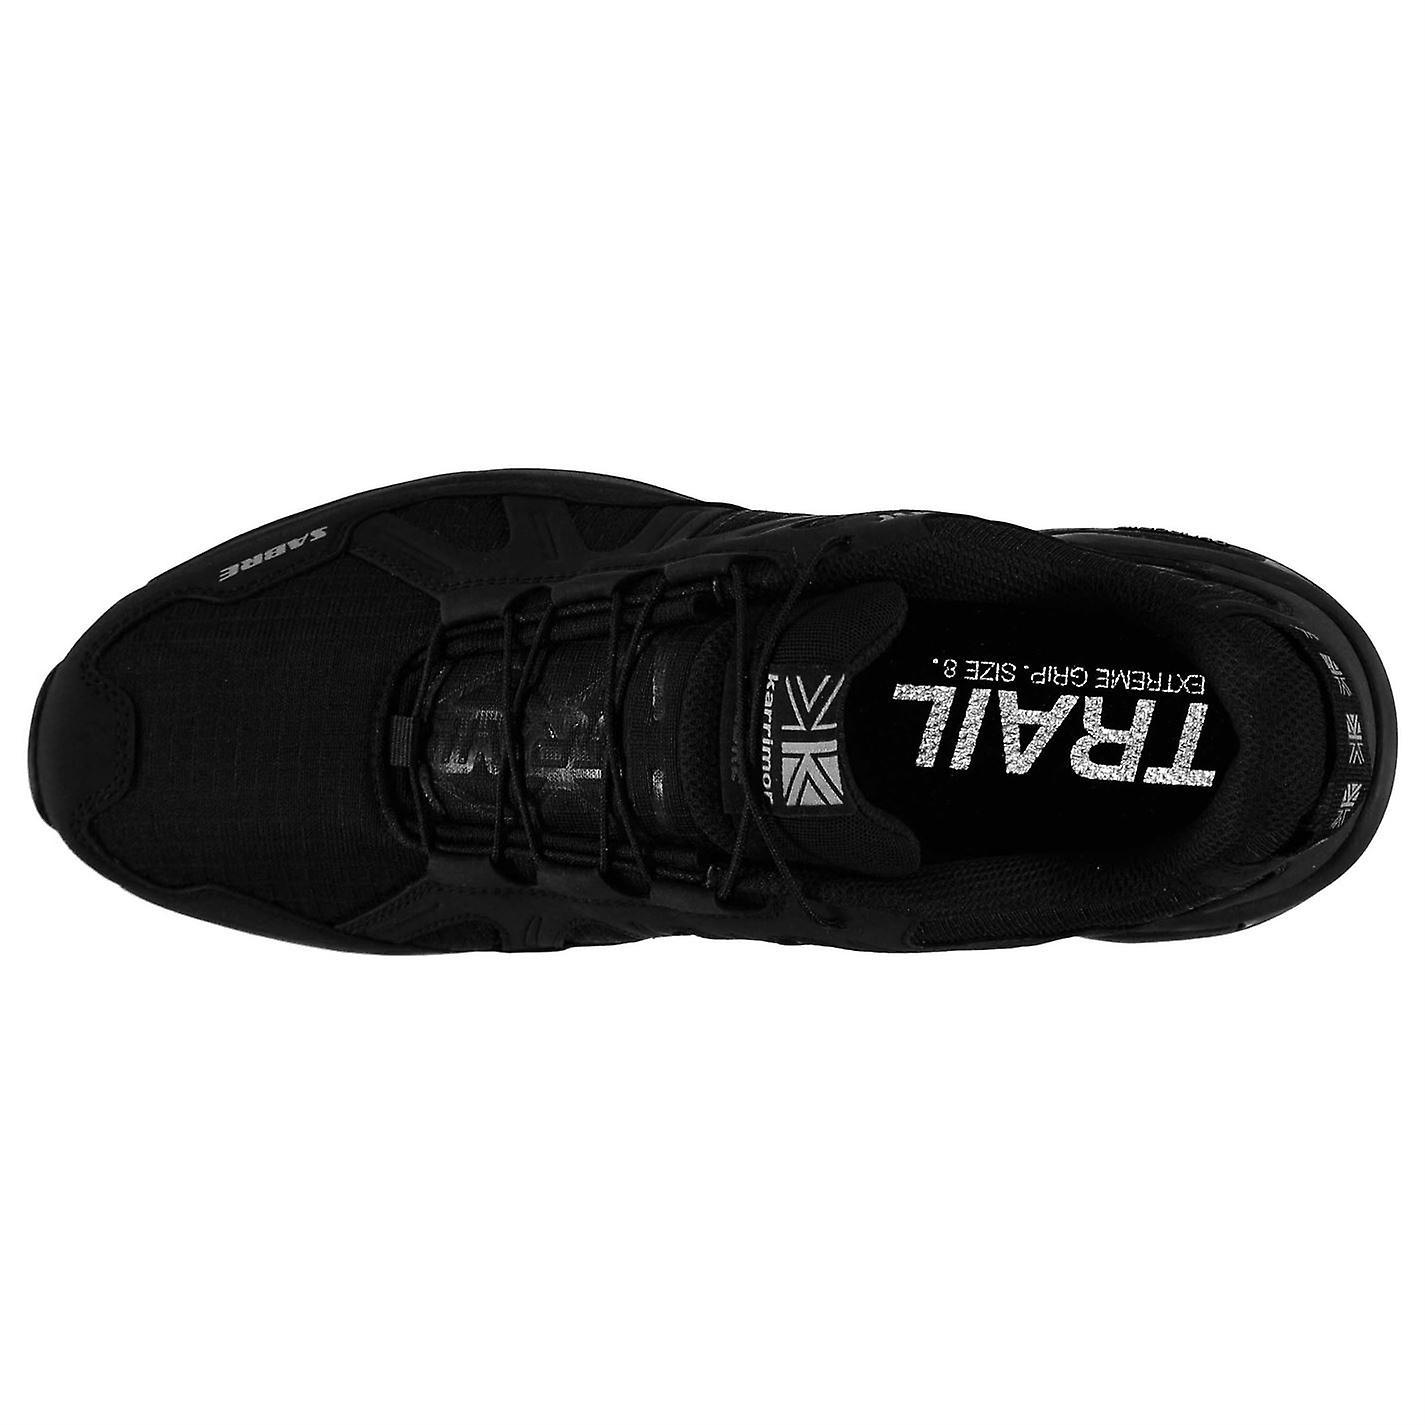 Karrimor Mens Sabre Trail Running scarpe tessile imbottito alla caviglia collo allacciatura rapida TS5Lo1